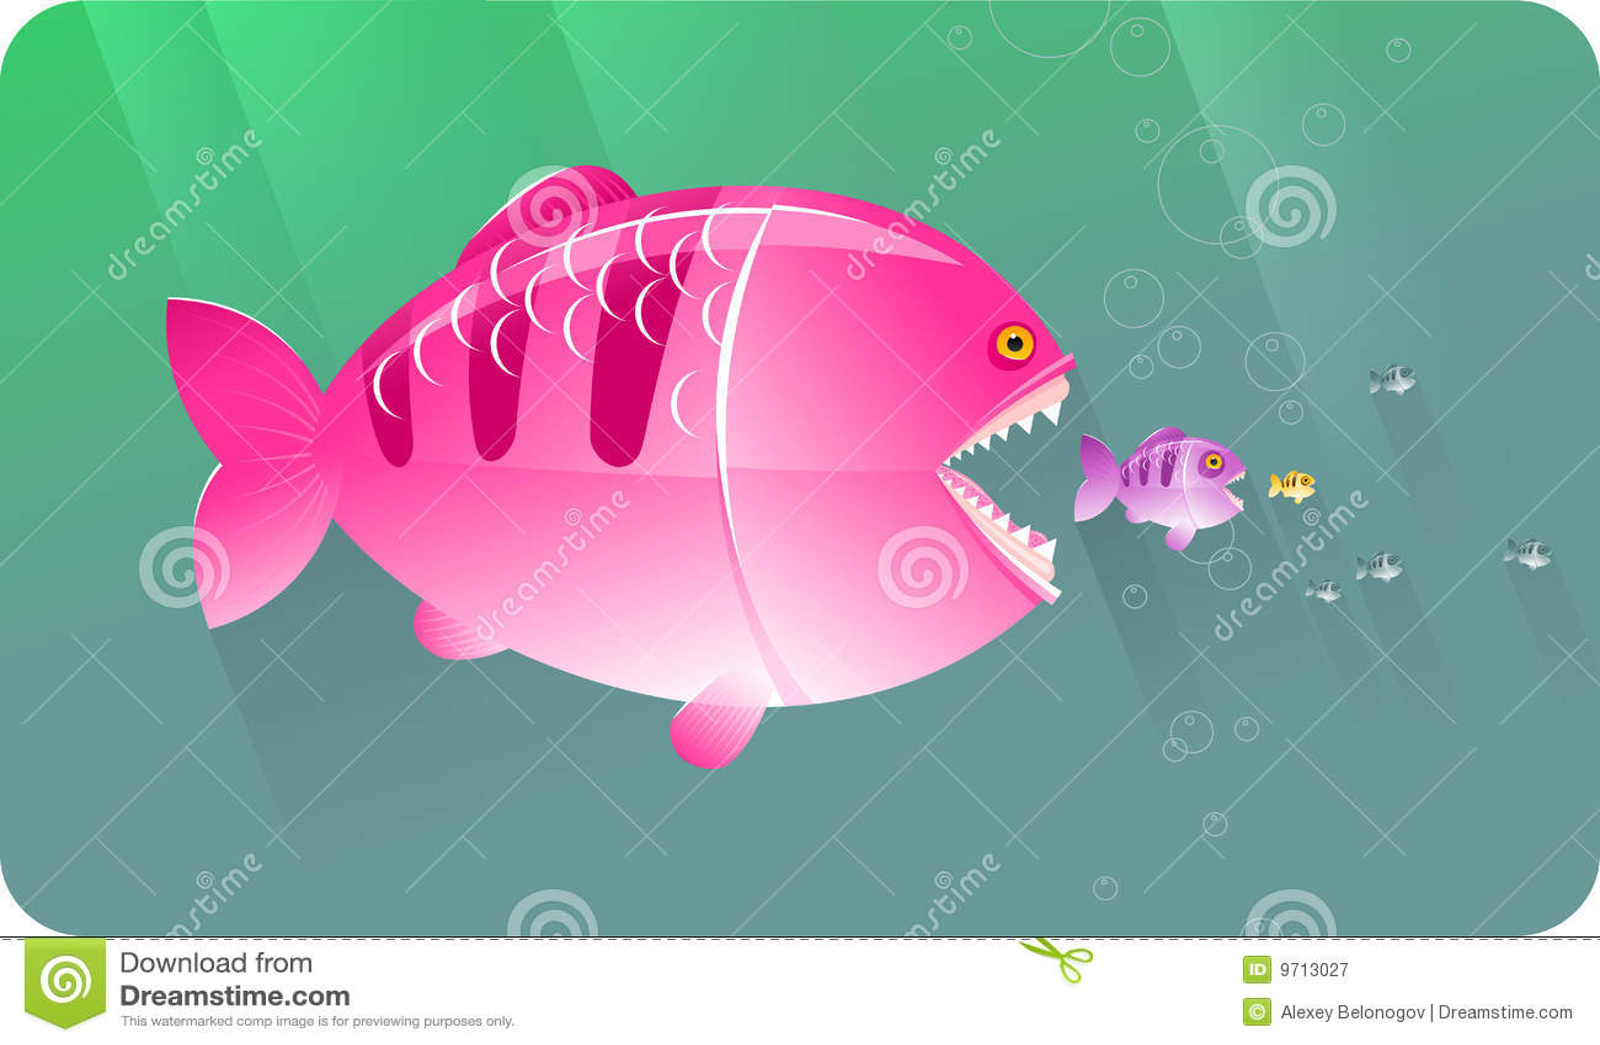 Big fish eat small fish concepts series royalty free for Big fish eat small fish